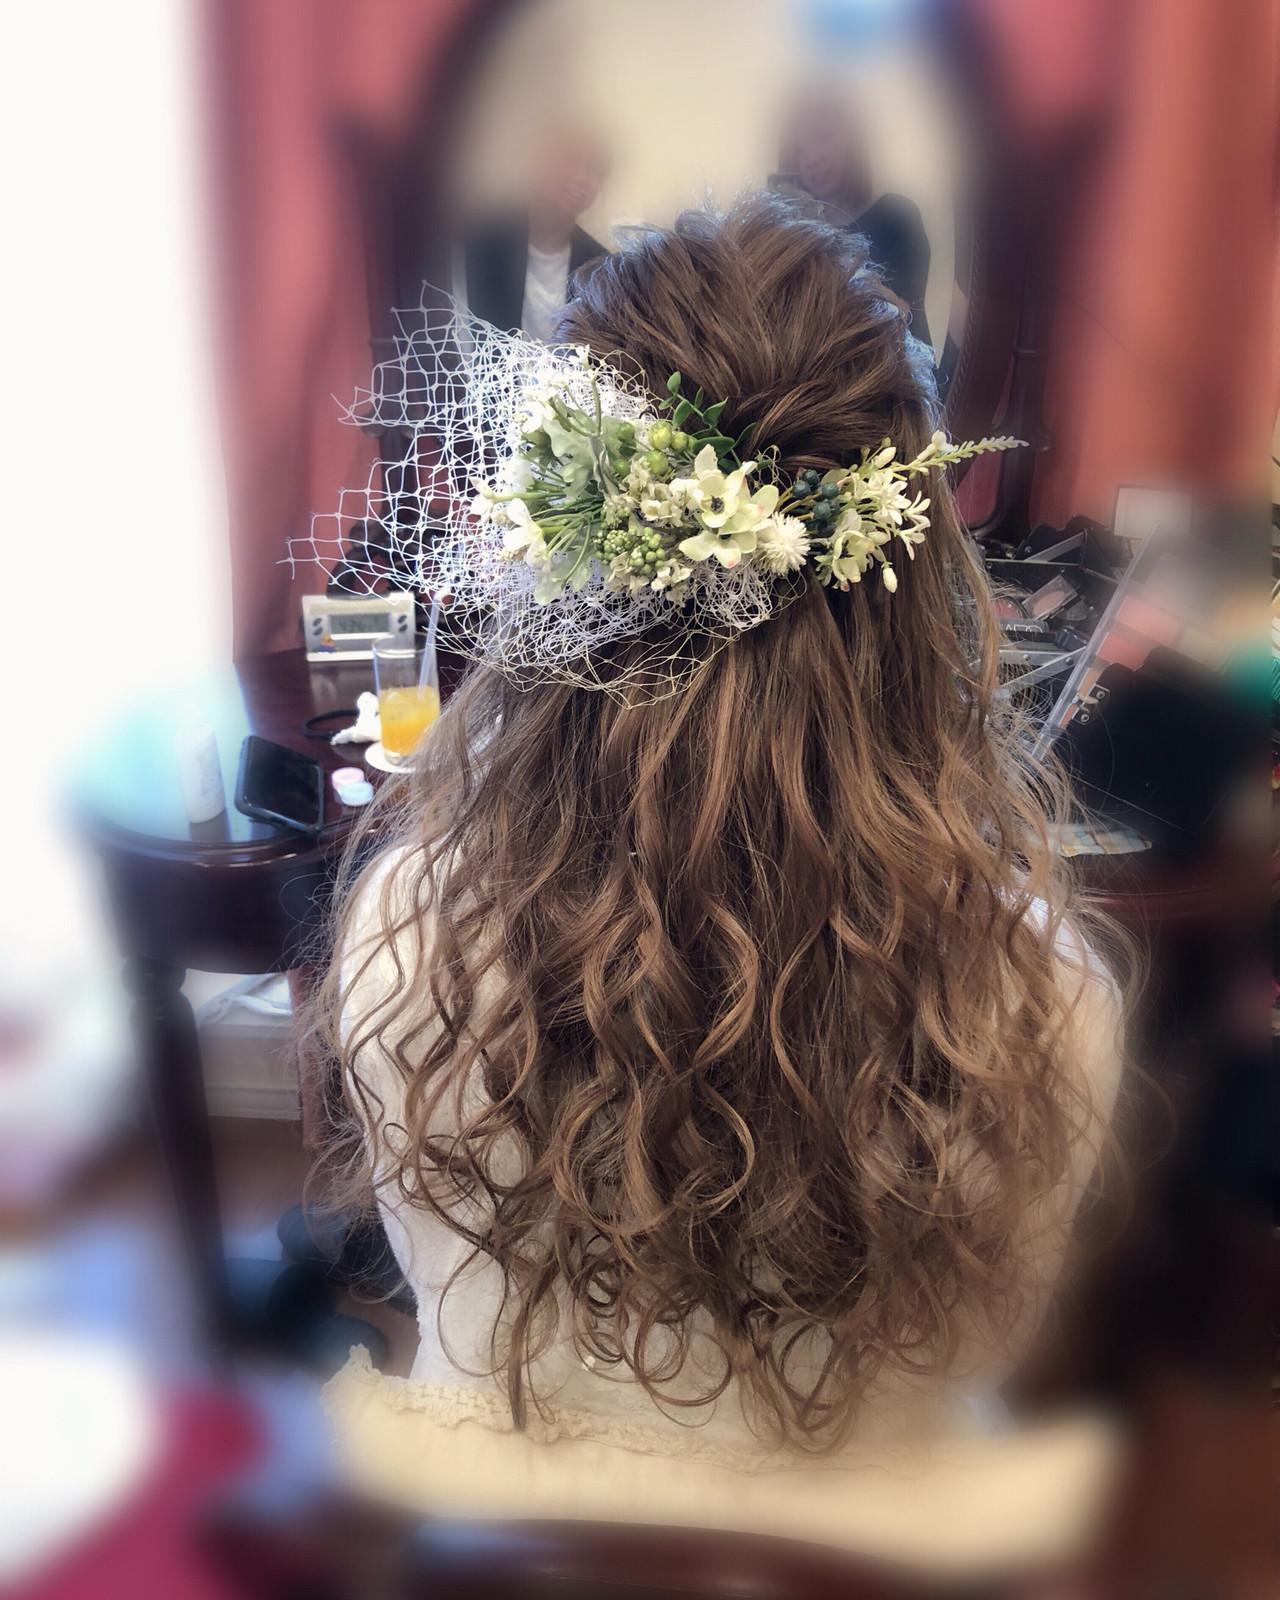 ヘアセット ブライダル ハーフアップ フェミニン ヘアスタイルや髪型の写真・画像